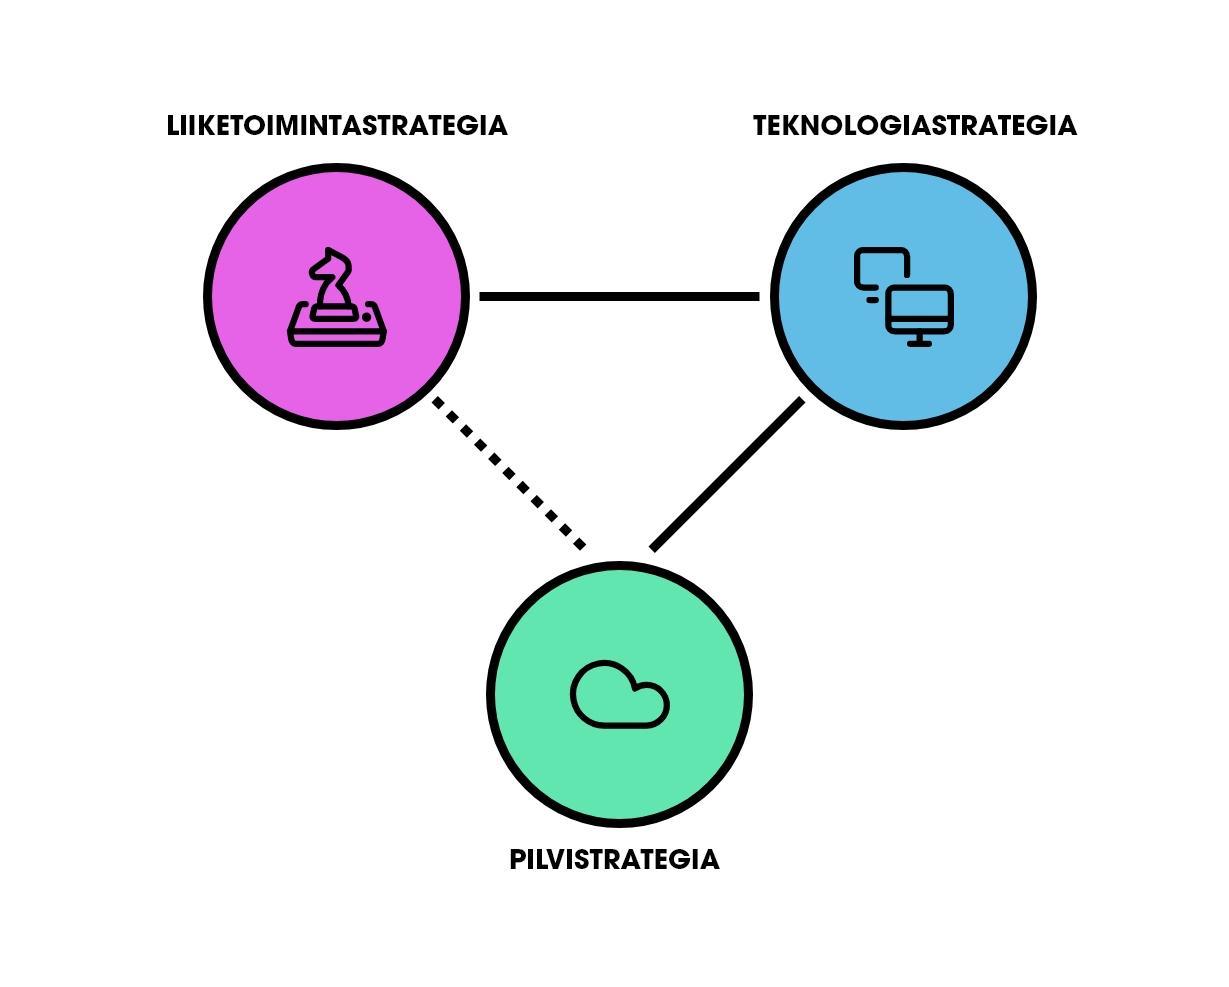 Liiketoimintastrategia, teknologiastrategia ja pilvistrategia